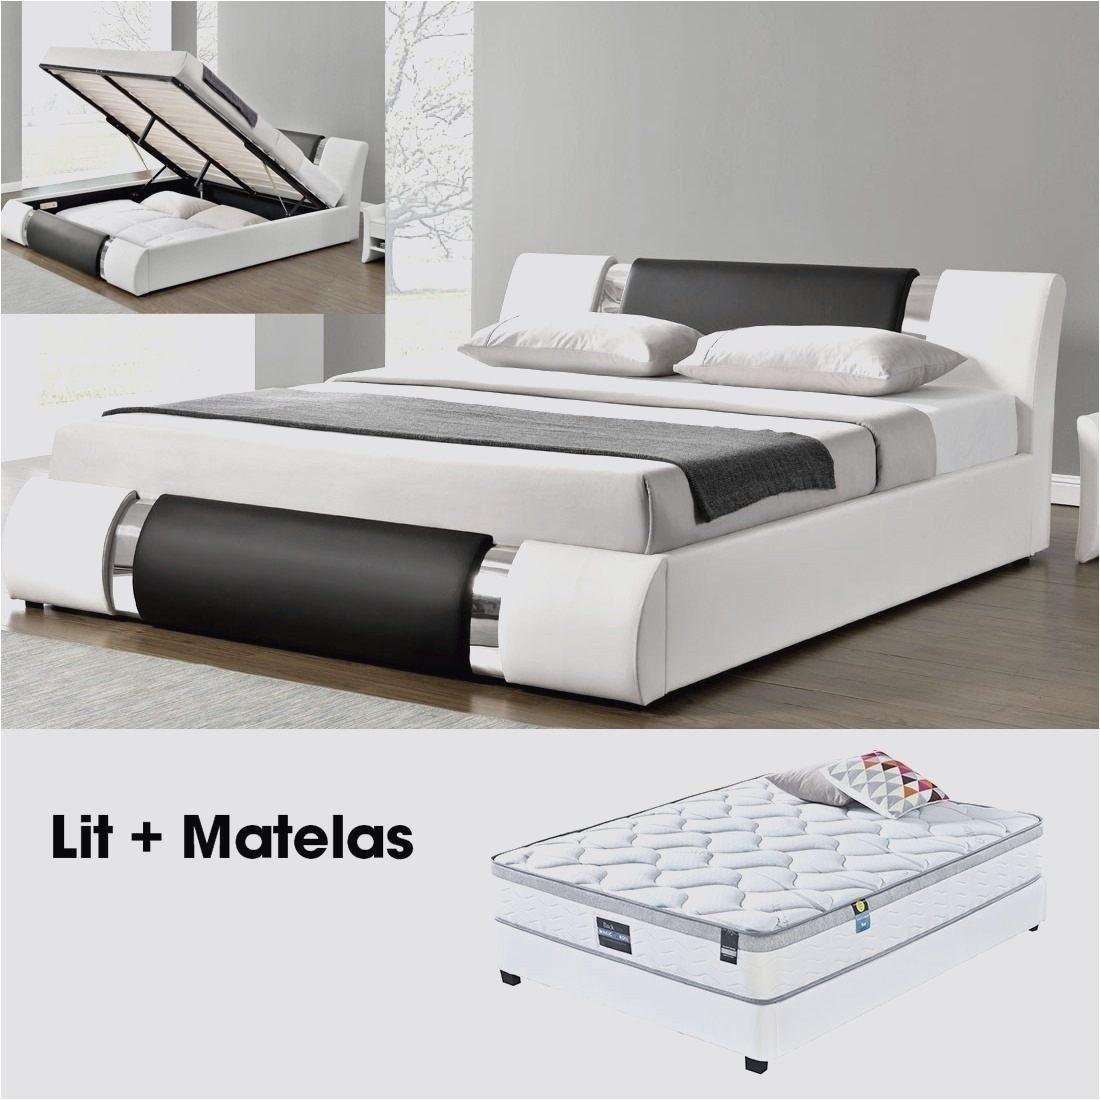 Matelas Pour Lit Electrique 80x200 Unique Matelas 80x200 Pour Lit Electrique Best Ikea Matelas 80—200 New